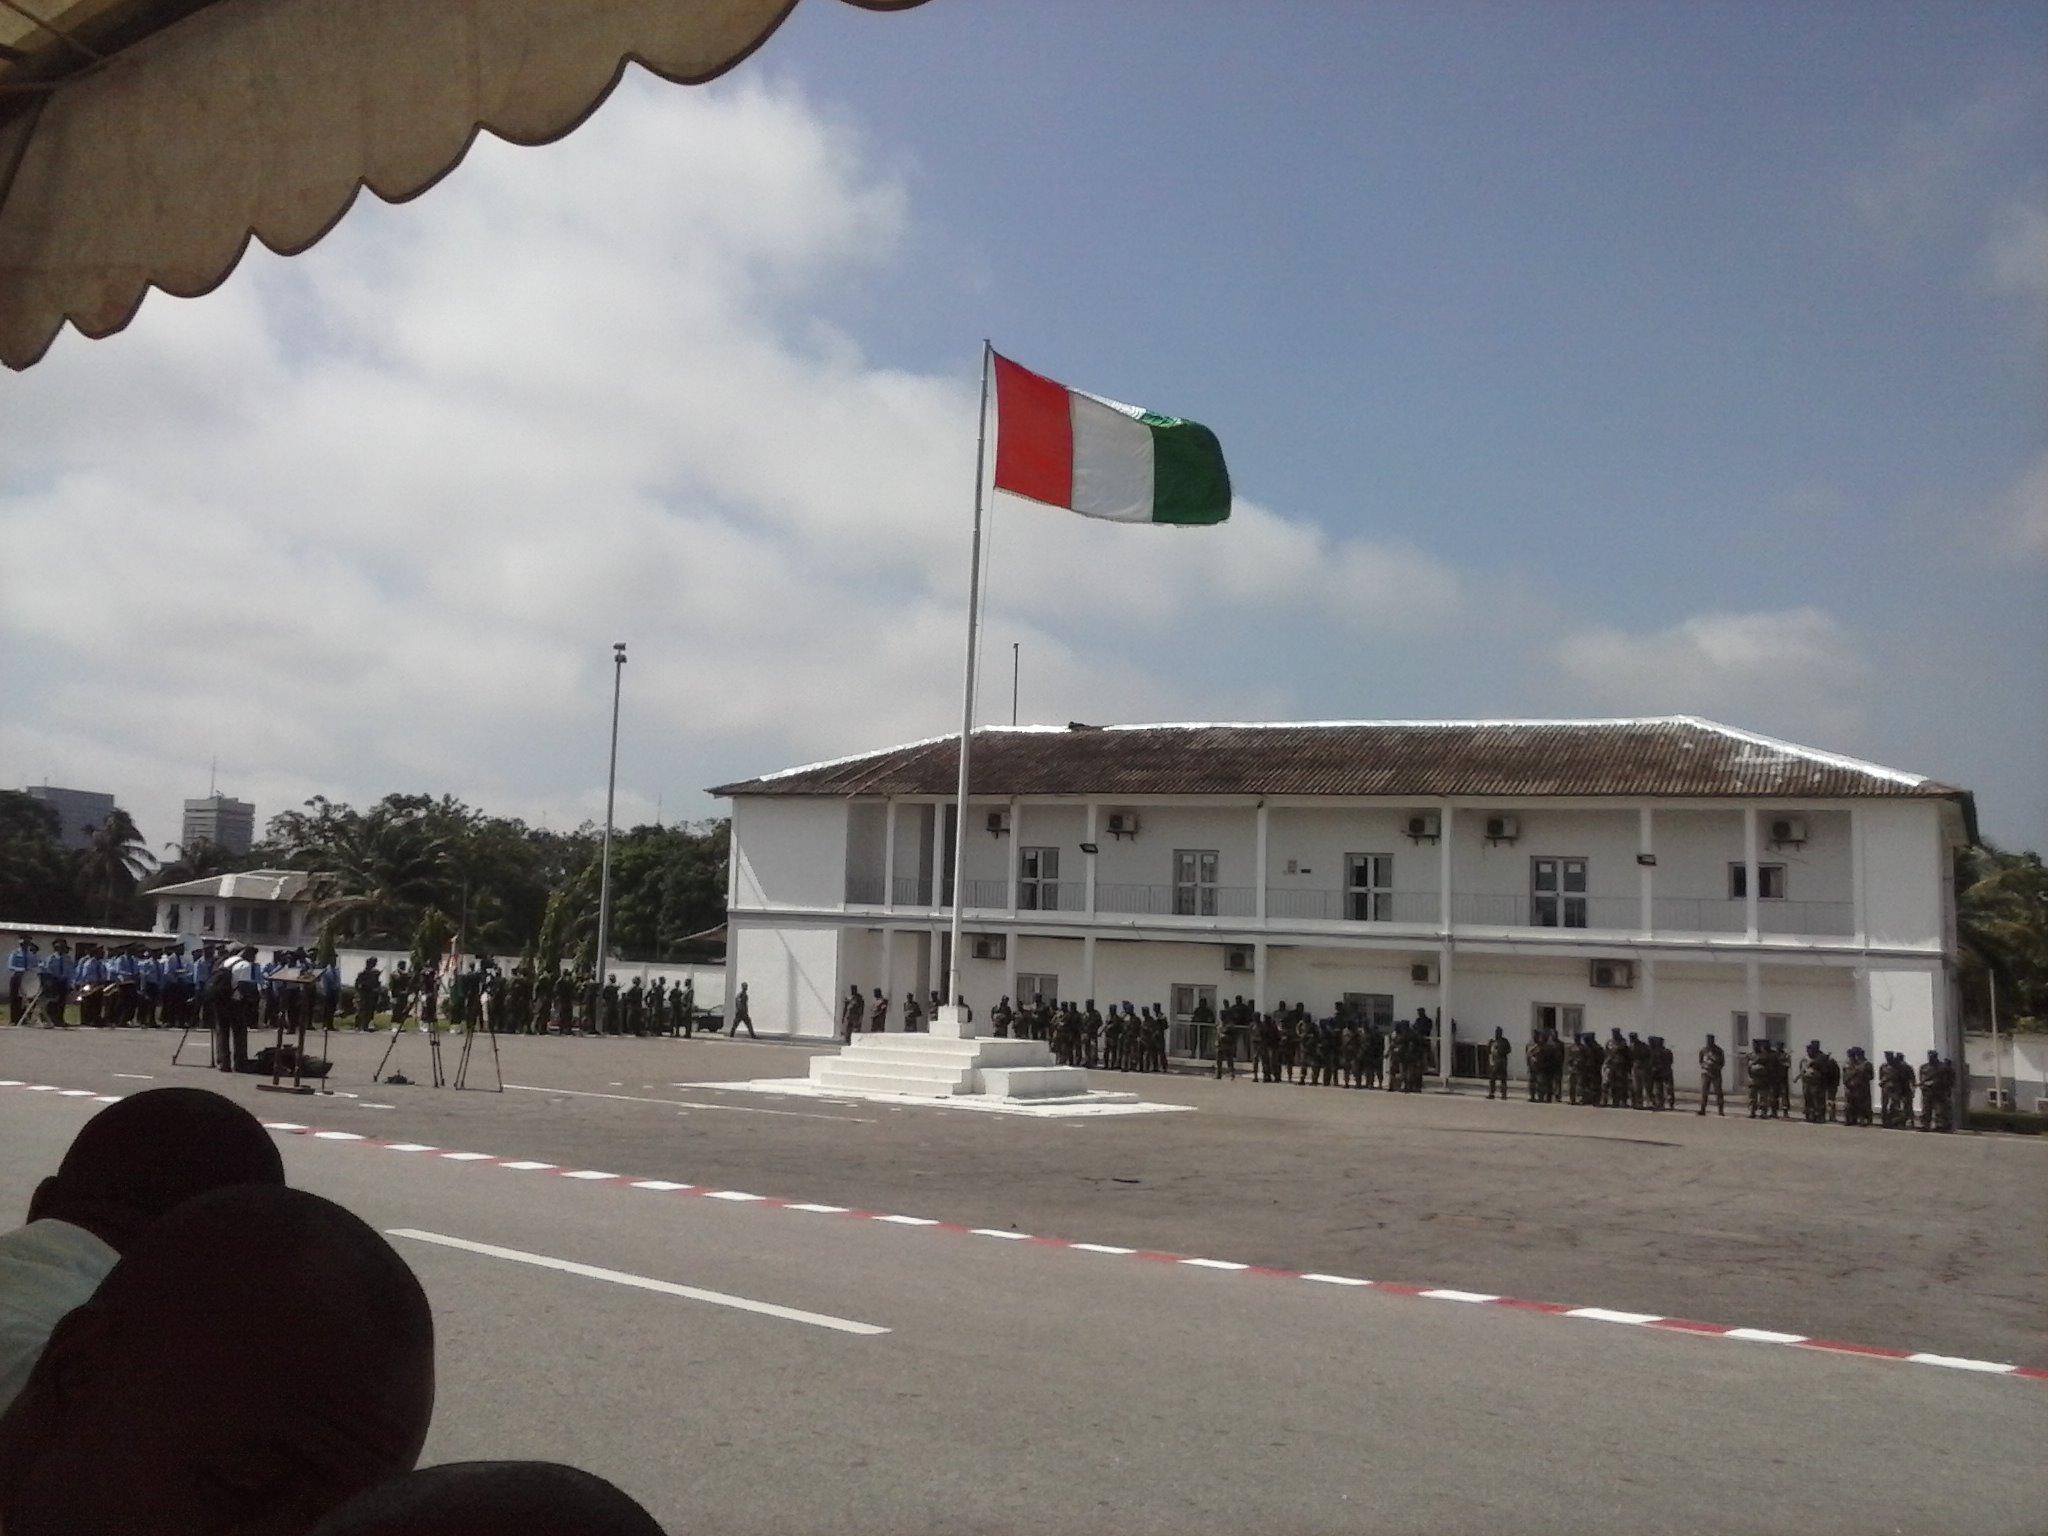 Les soldats autour du drapeau national, lors de la cérémonie officielle marquant le départ des soldats ivoiriens au Mali. (crédit photo: FBI)